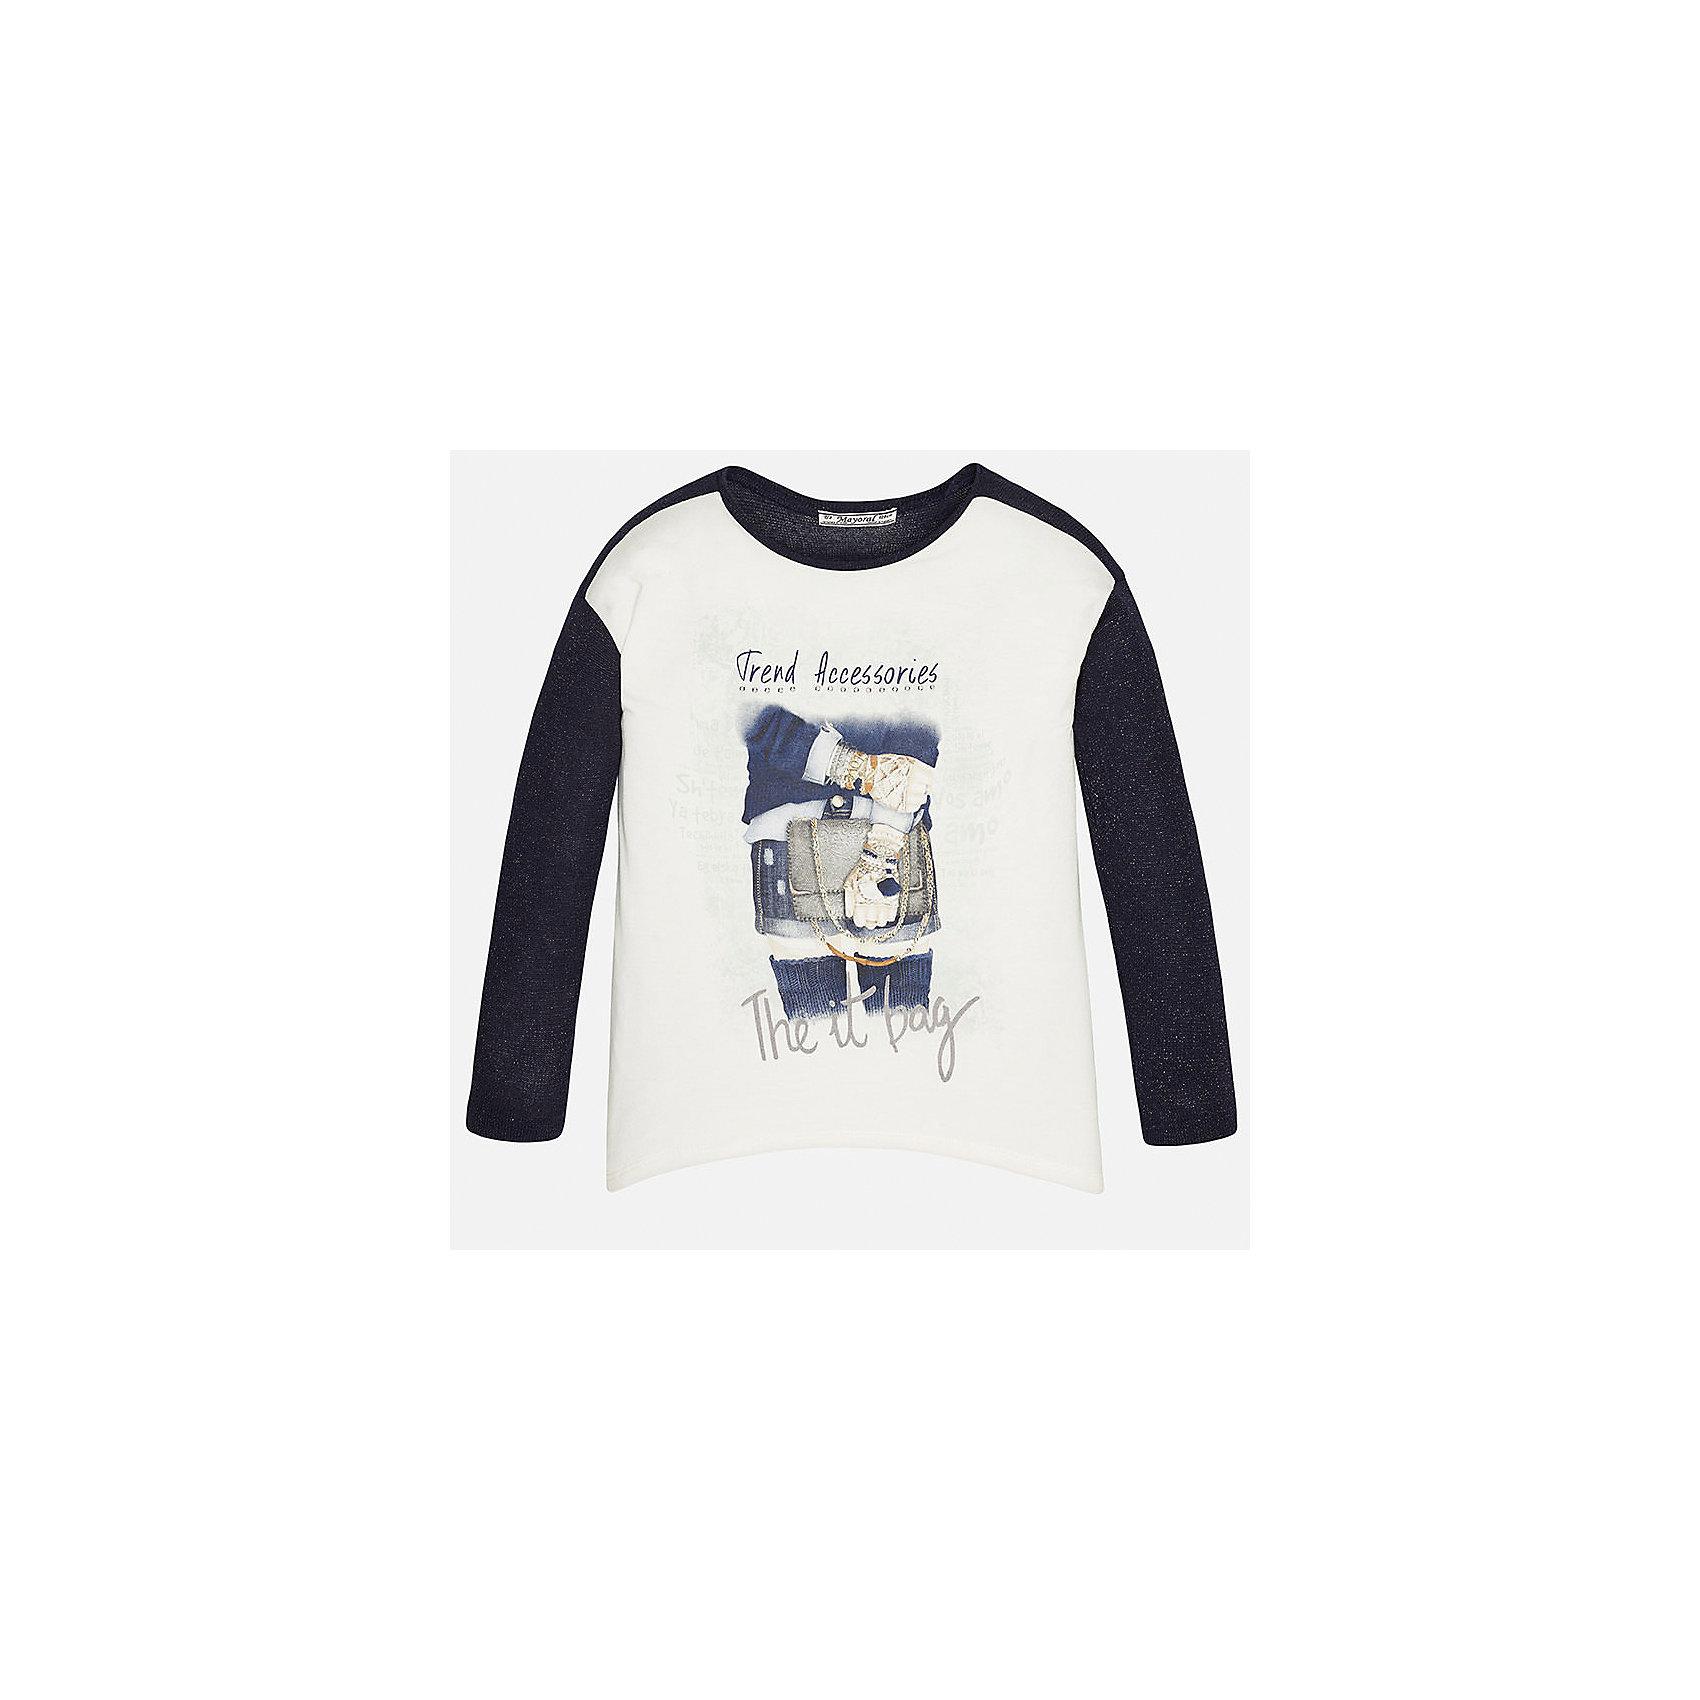 Футболка с длинным рукавом для девочки MayoralФутболки с длинным рукавом<br>Футболка для девочки от известного испанского бренда Mayoral (Майорал). Эта модная и удобная футболка с длинным рукавом сочетает в себе стиль и простоту. Приятный насыщенный синий цвет прекрасно сочетается с белыми деталями и интересным фото-принтом, что придет по вкусу вашей моднице. У футболки прямой свободный крой с удлиненными боковыми частями. Отличное пополнение для сезона осень-зима. К этой футболке подойдут как классические юбки, так и джинсы или штаны спортивного кроя. <br><br>Дополнительная информация:<br><br>- Силуэт: прямой<br>- Рукав: длинный<br>- Длина: удлиненная по бокам<br><br>Состав: 42% полиэстер, 39% вискоза, 14% металлизированная фибра, 5% эластан <br>Футболку для девочки Mayoral (Майорал) можно купить в нашем интернет-магазине.<br><br>Подробнее:<br>• Для детей в возрасте: от 8 до 16 лет<br>• Номер товара: 4845096<br>Страна производитель: Индия<br><br>Ширина мм: 199<br>Глубина мм: 10<br>Высота мм: 161<br>Вес г: 151<br>Цвет: синий<br>Возраст от месяцев: 156<br>Возраст до месяцев: 168<br>Пол: Женский<br>Возраст: Детский<br>Размер: 158/164,164/170,134/140,152/158,128/134,146/152<br>SKU: 4845096